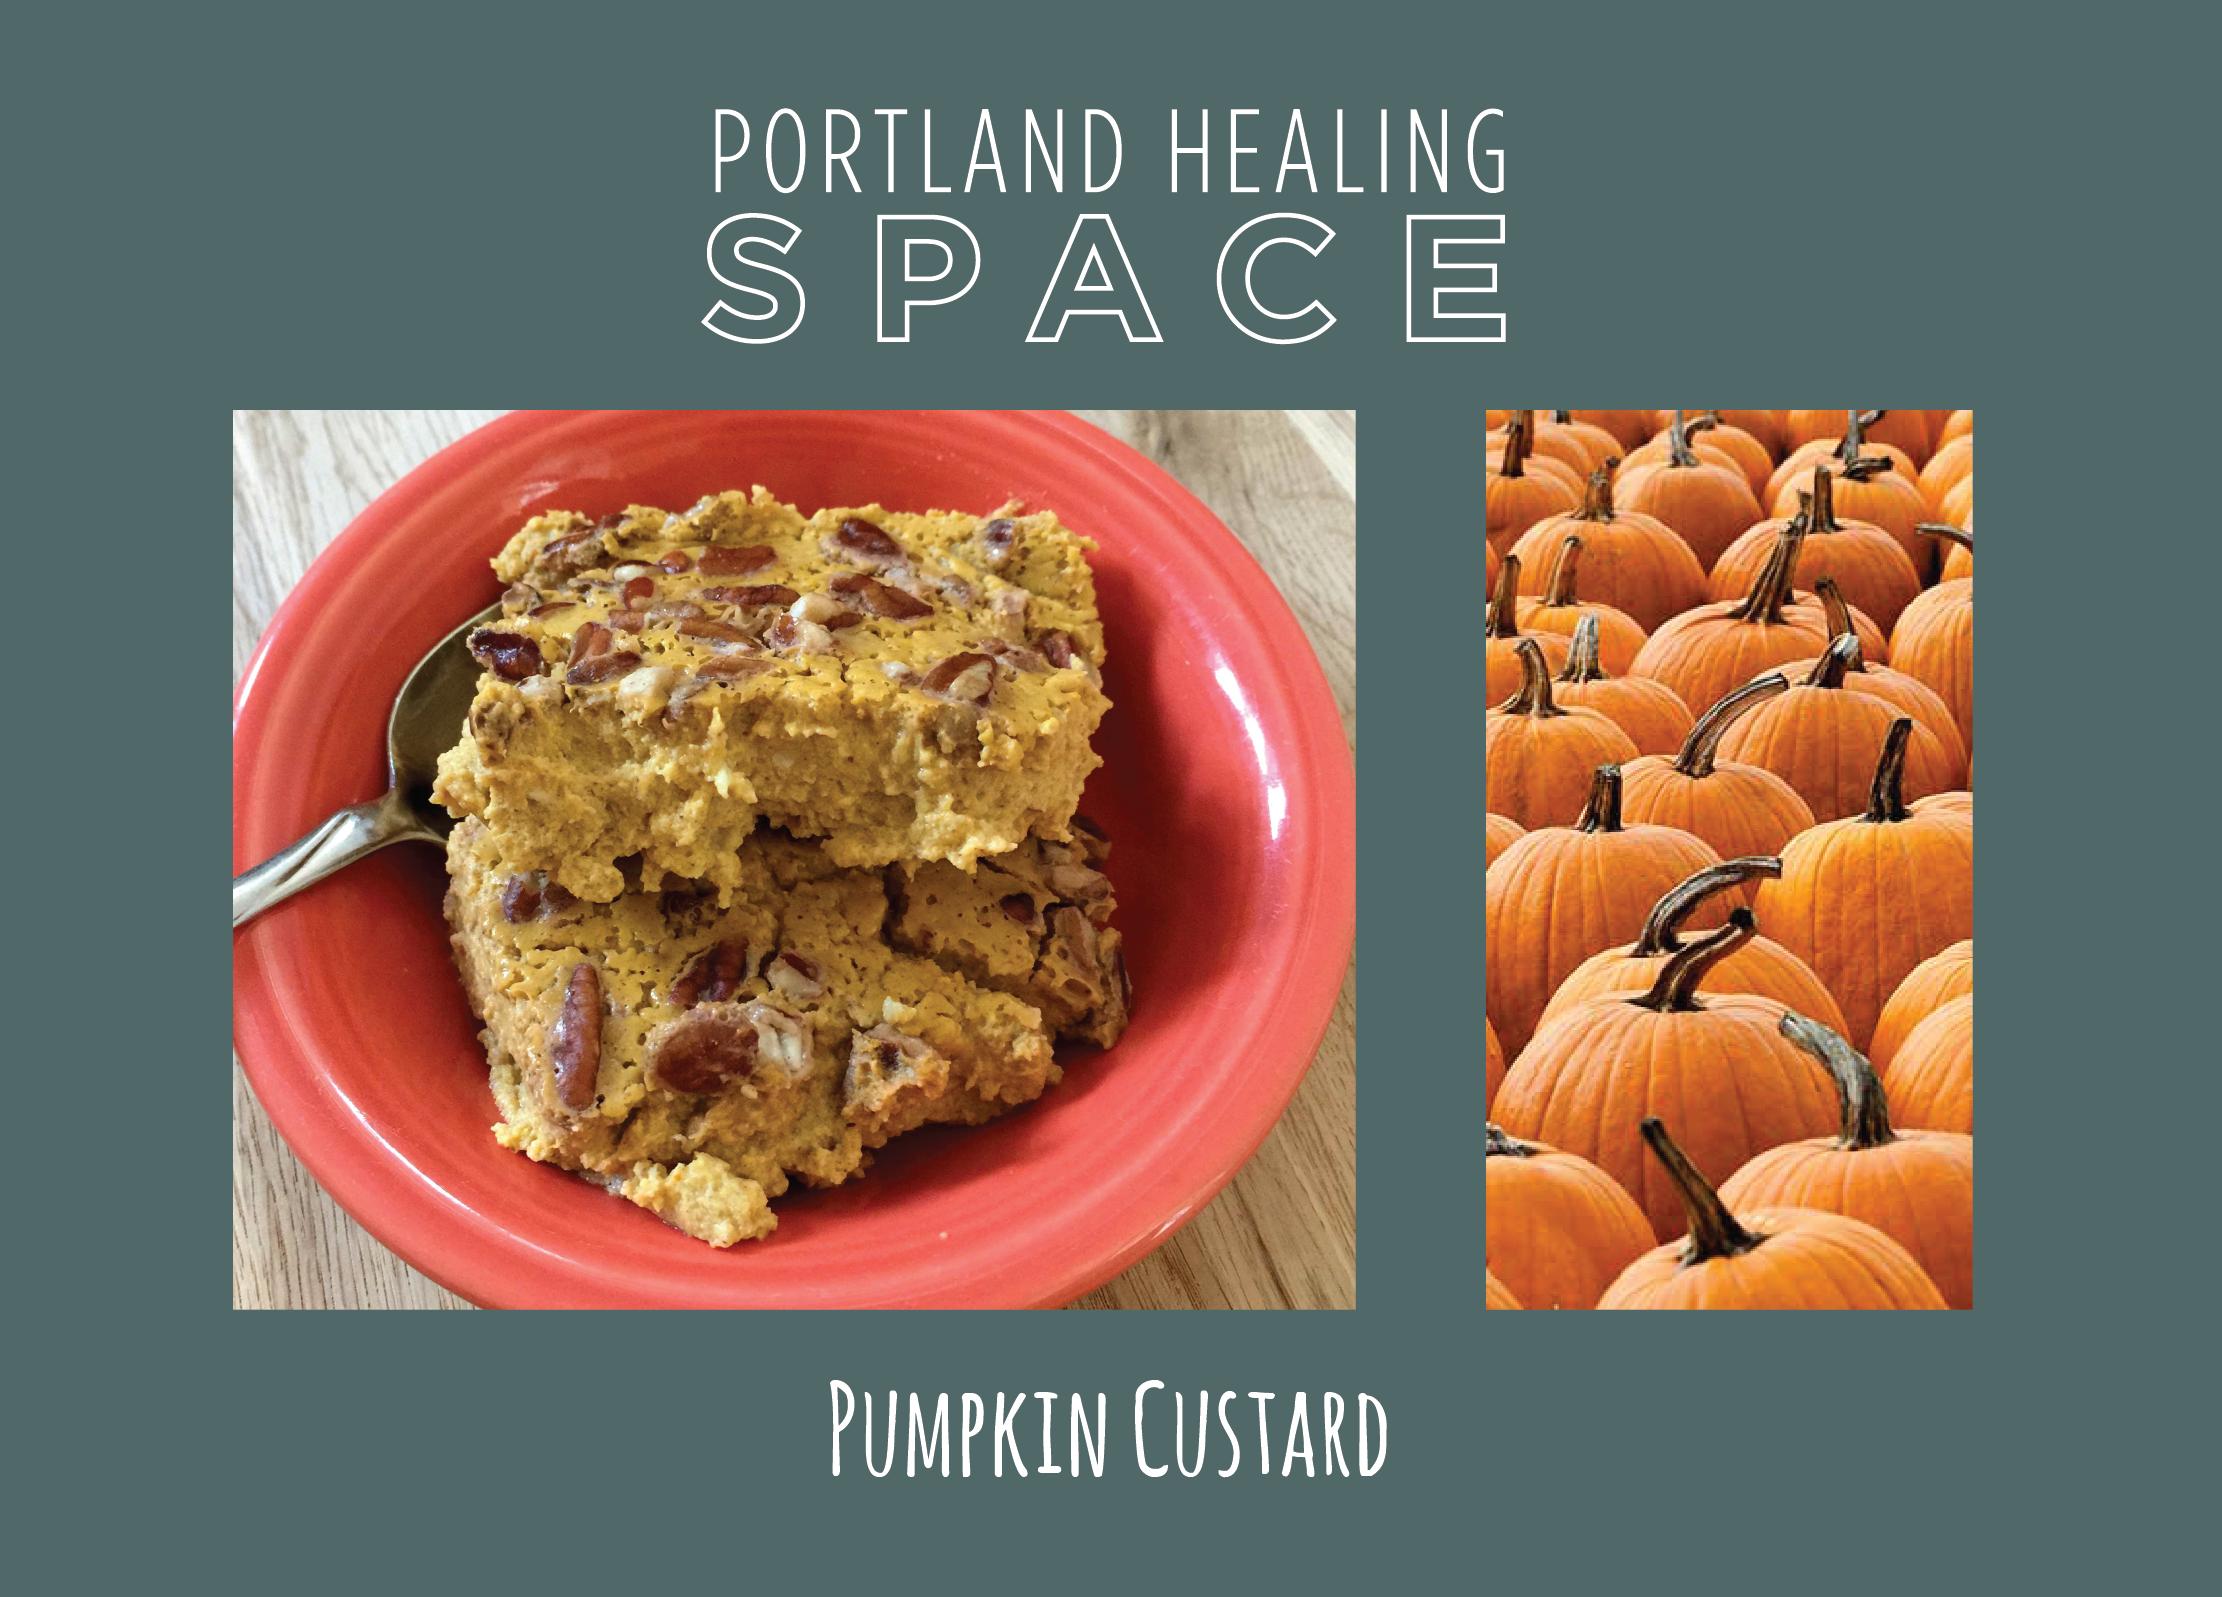 pumpkin-custard-front.png